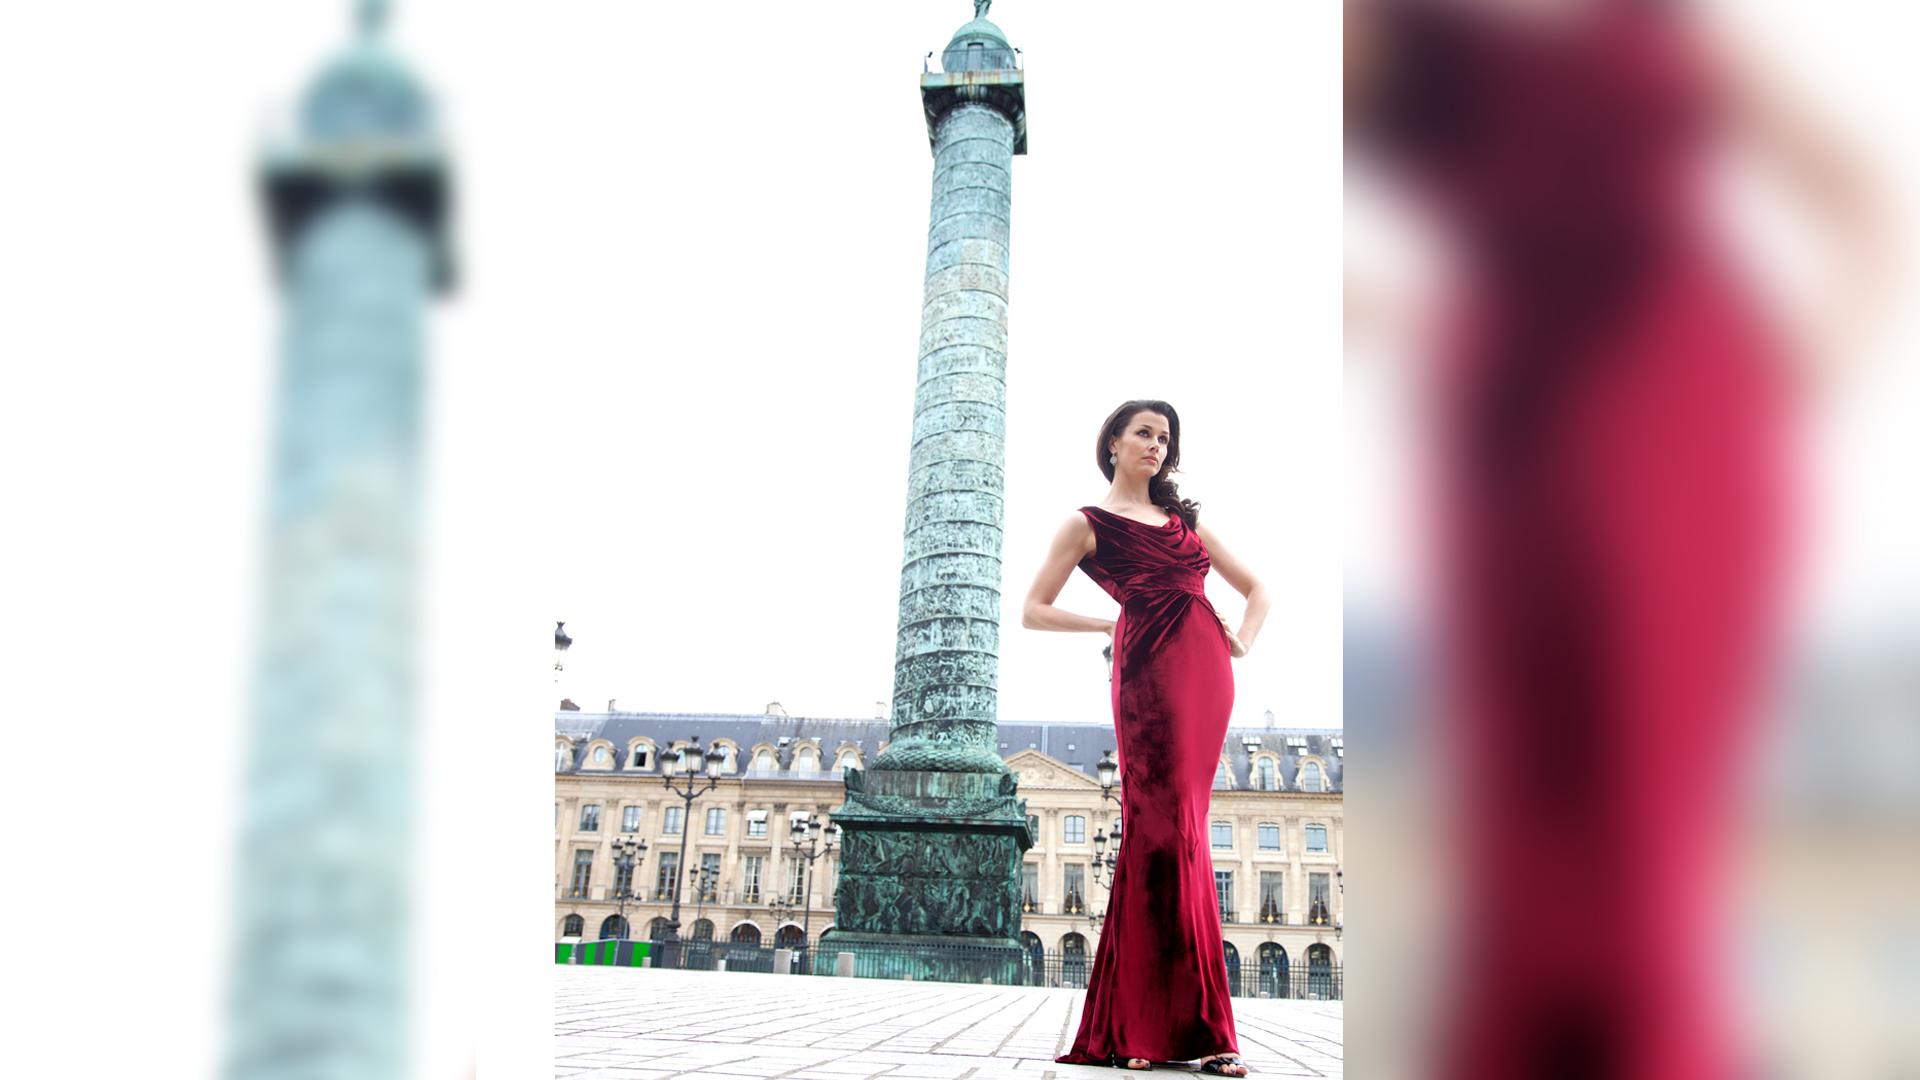 Bridget Moynahan standing tall in ravishing red velvet